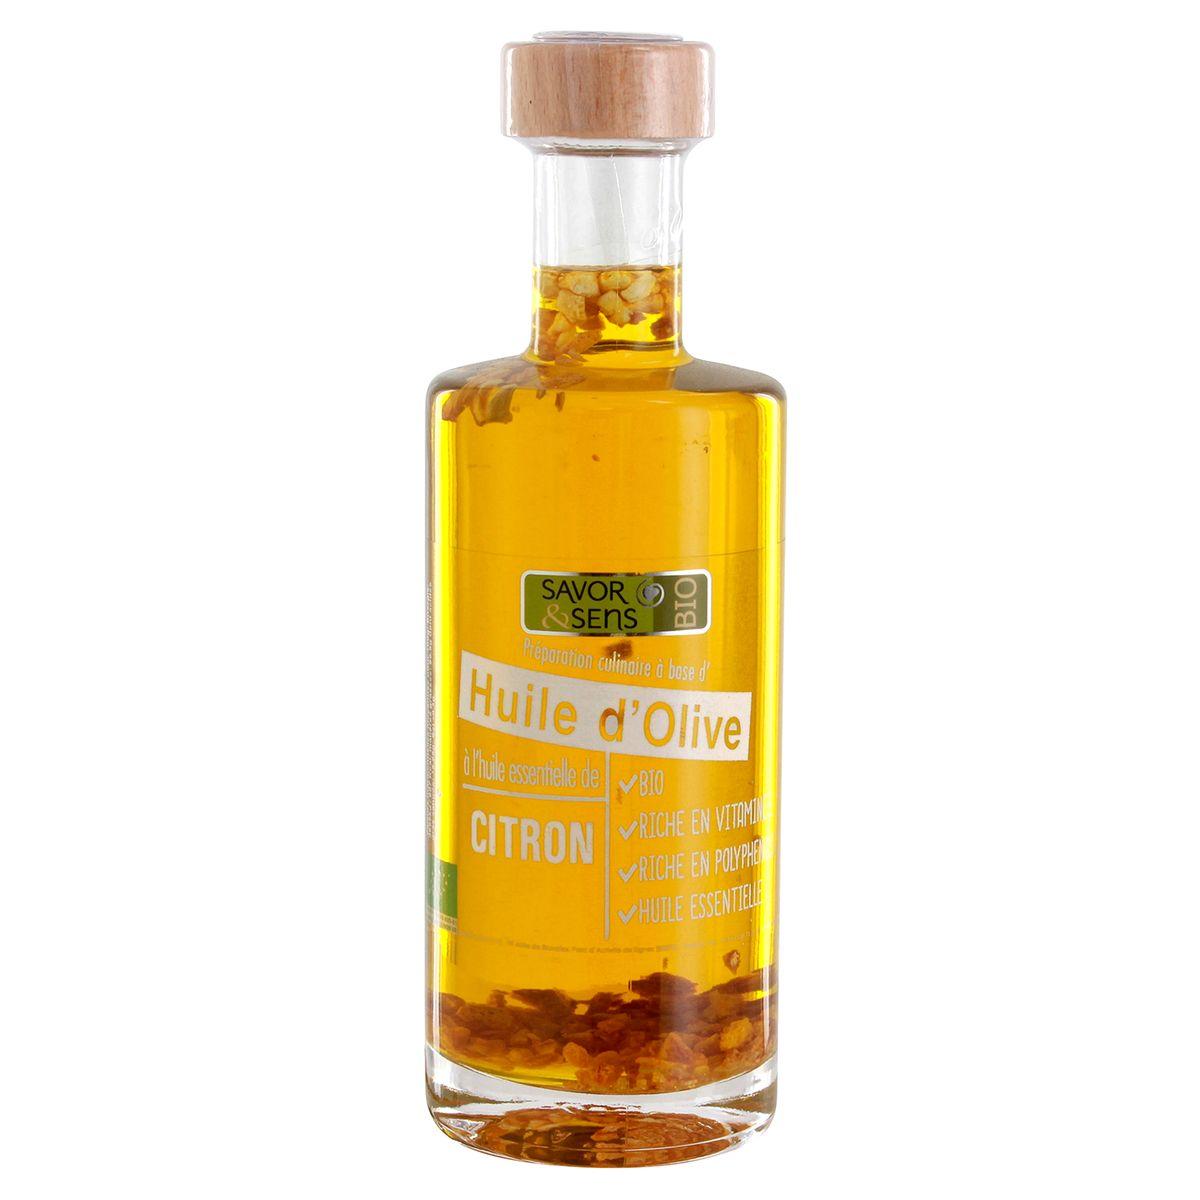 Huile d´olive bio citron 25cl - Savor et Sens